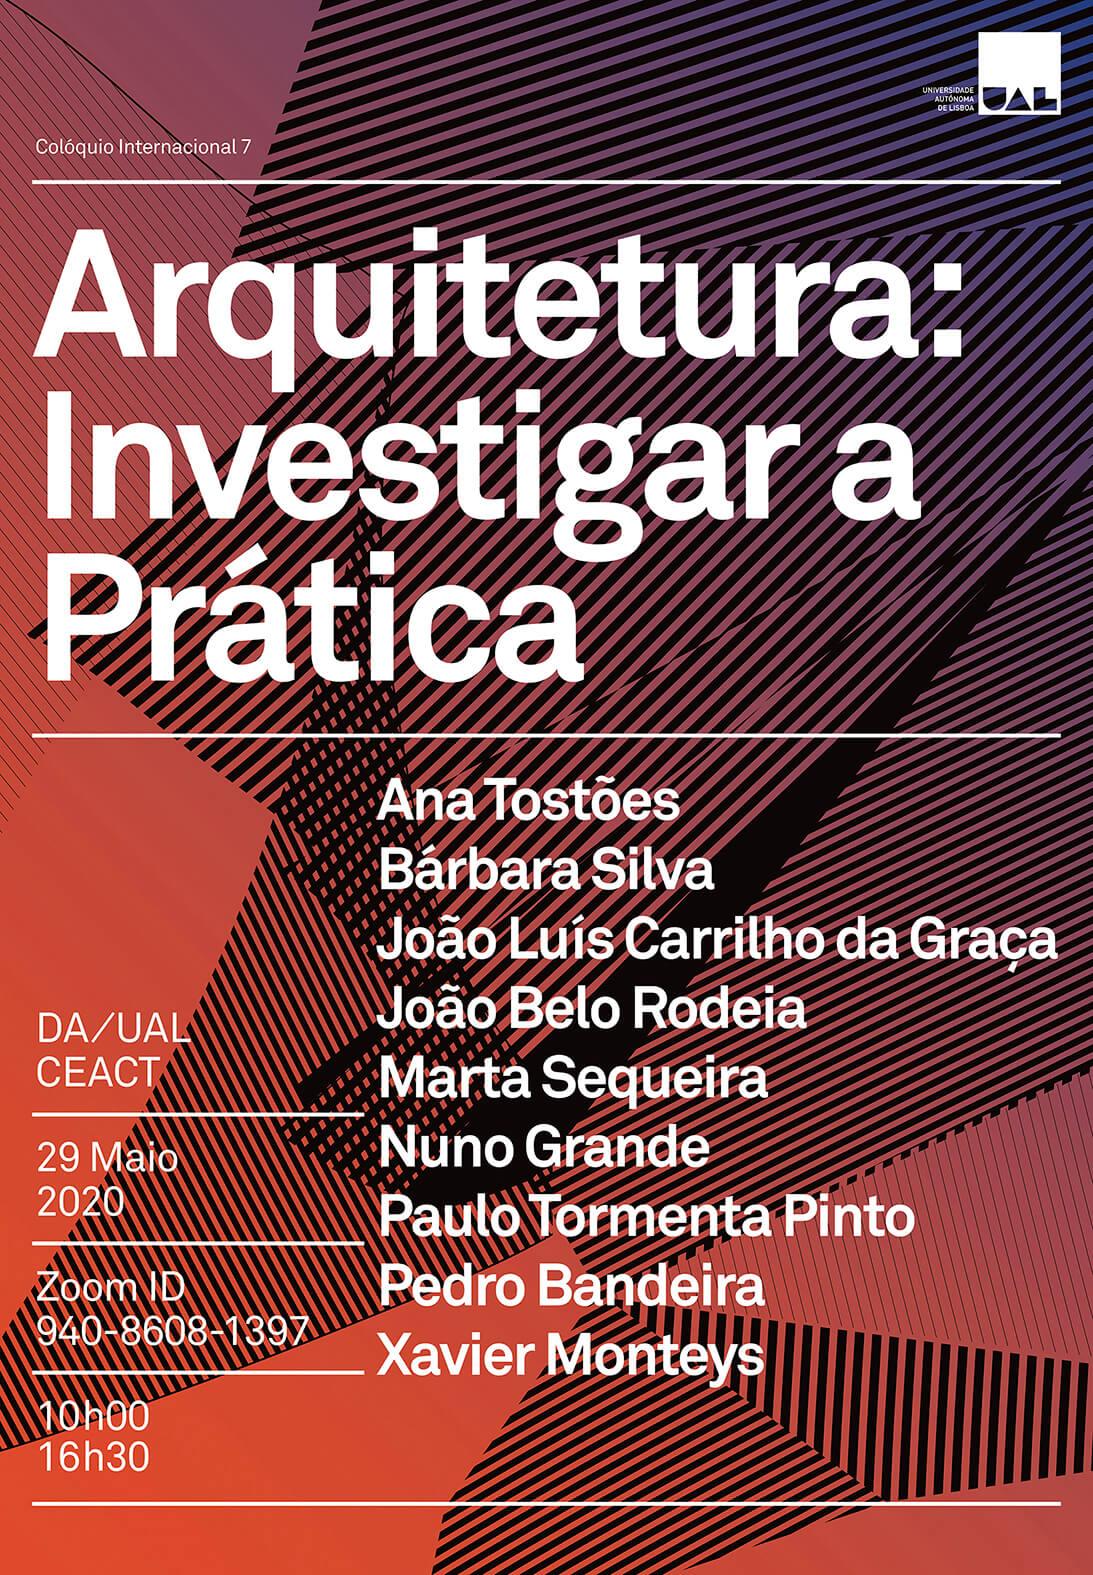 Colóquio Arquitectura - Investigar a Prática_2